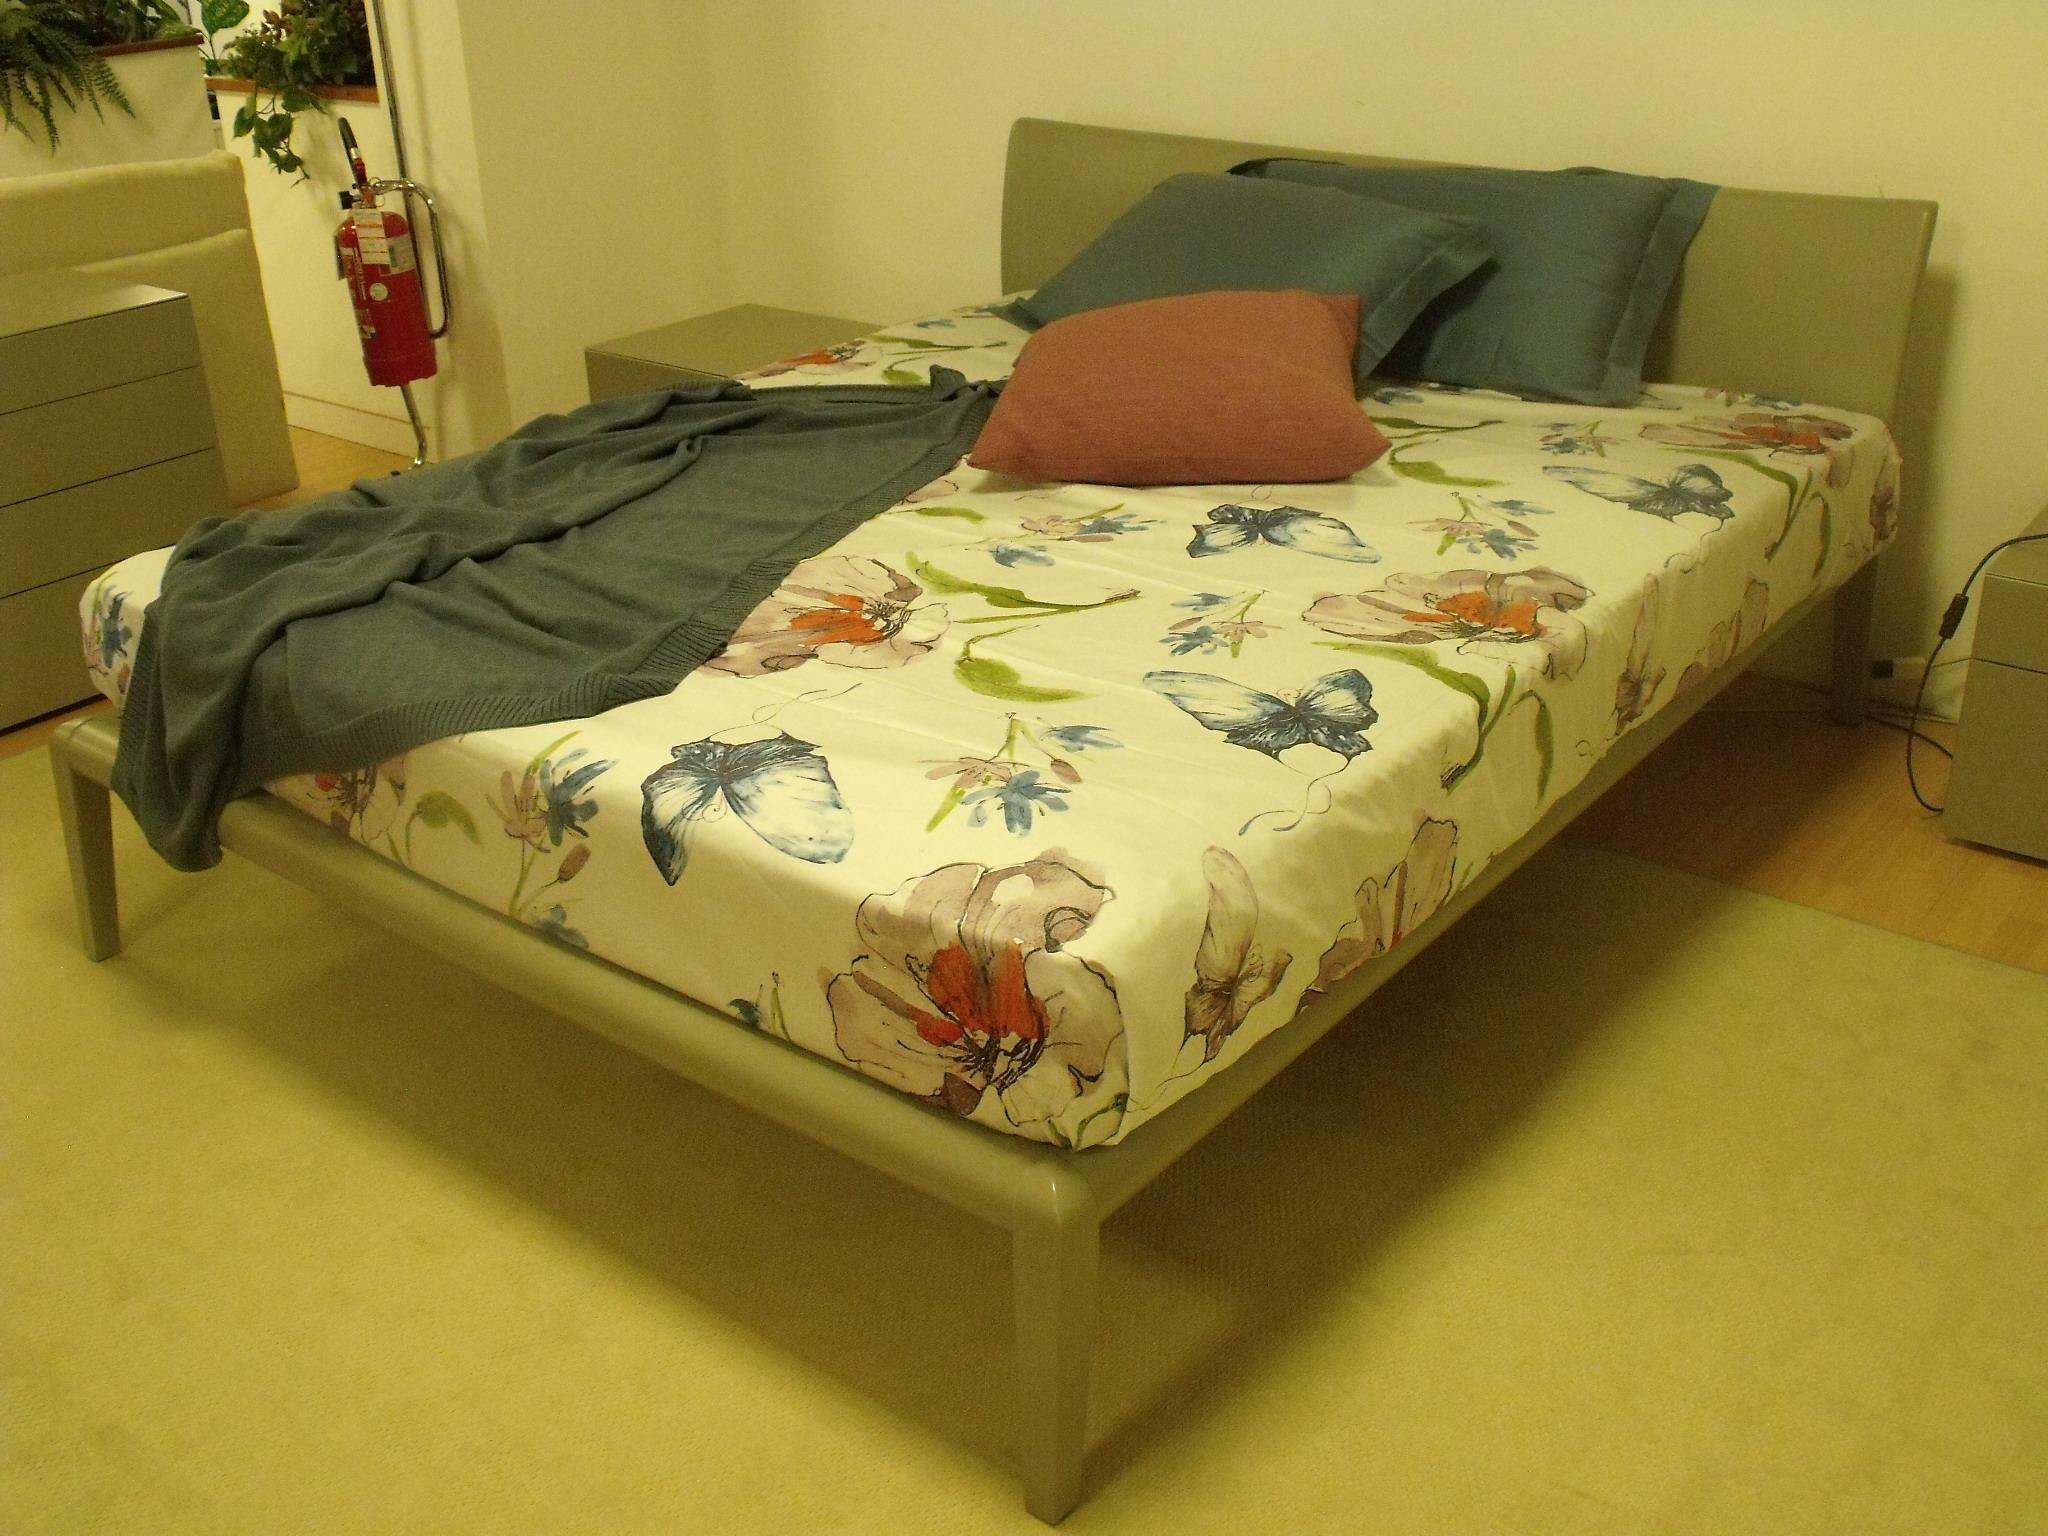 Camere da letto poliform simple letto singolo in tessuto for Letto arca poliform